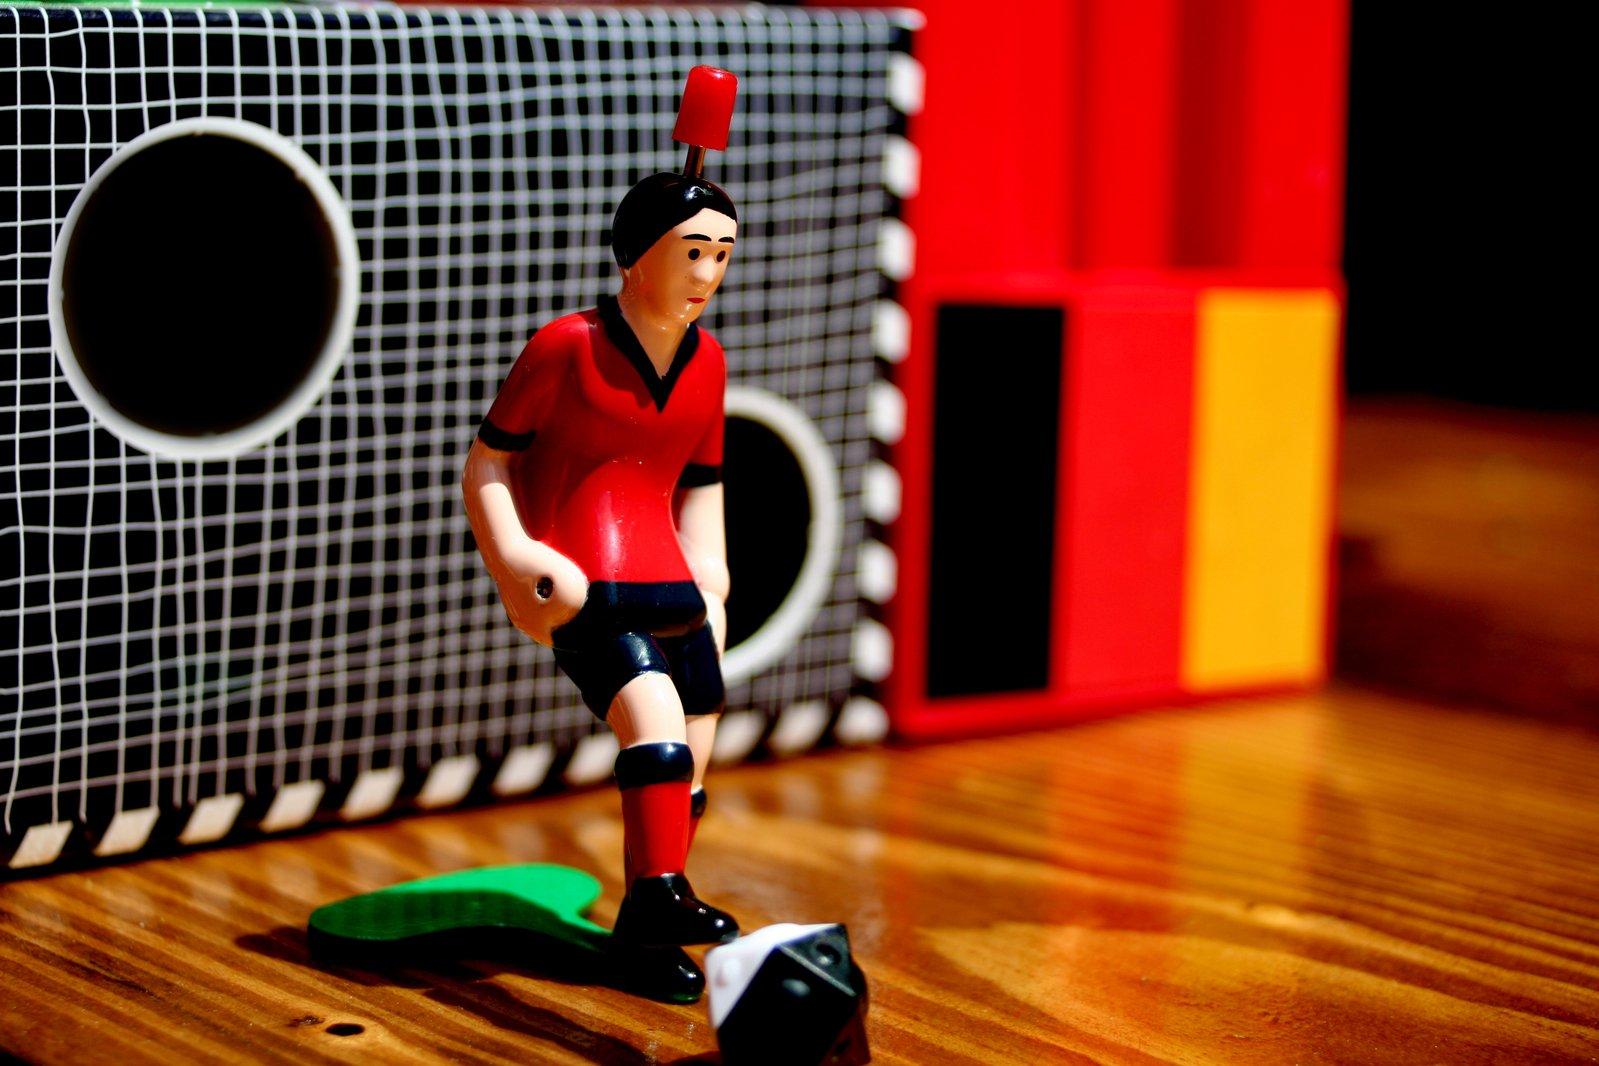 Goal in soccer